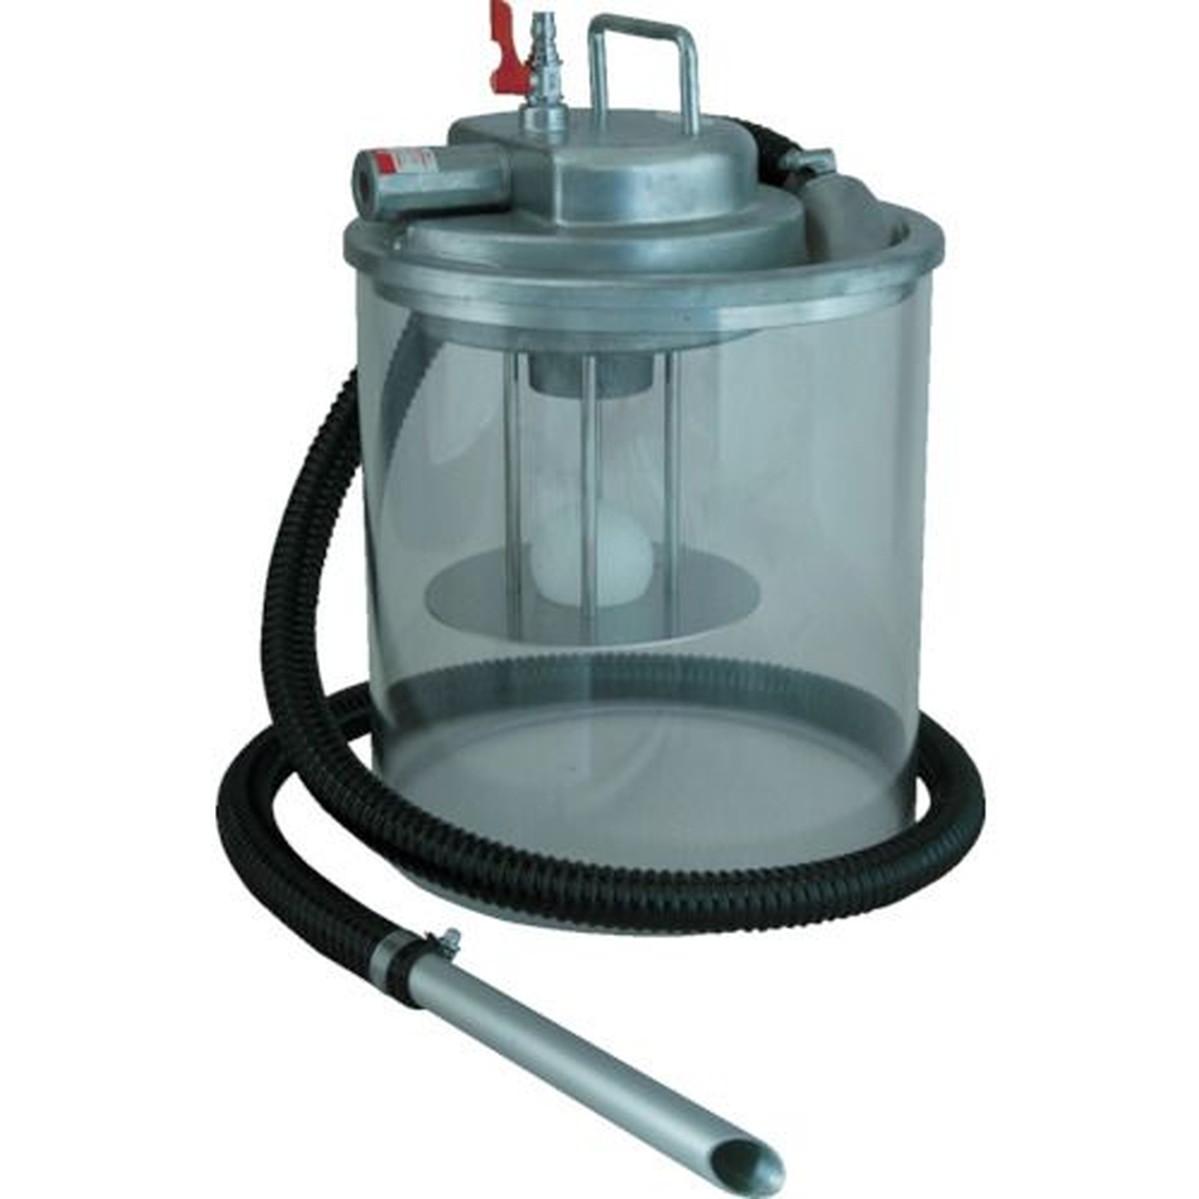 新品同様 アクアシステム エア式掃除機 乾湿両用クリーナー(オープンペール缶用) 1台, MPC 開進堂楽器WEBSHOP 4bfd7a4b